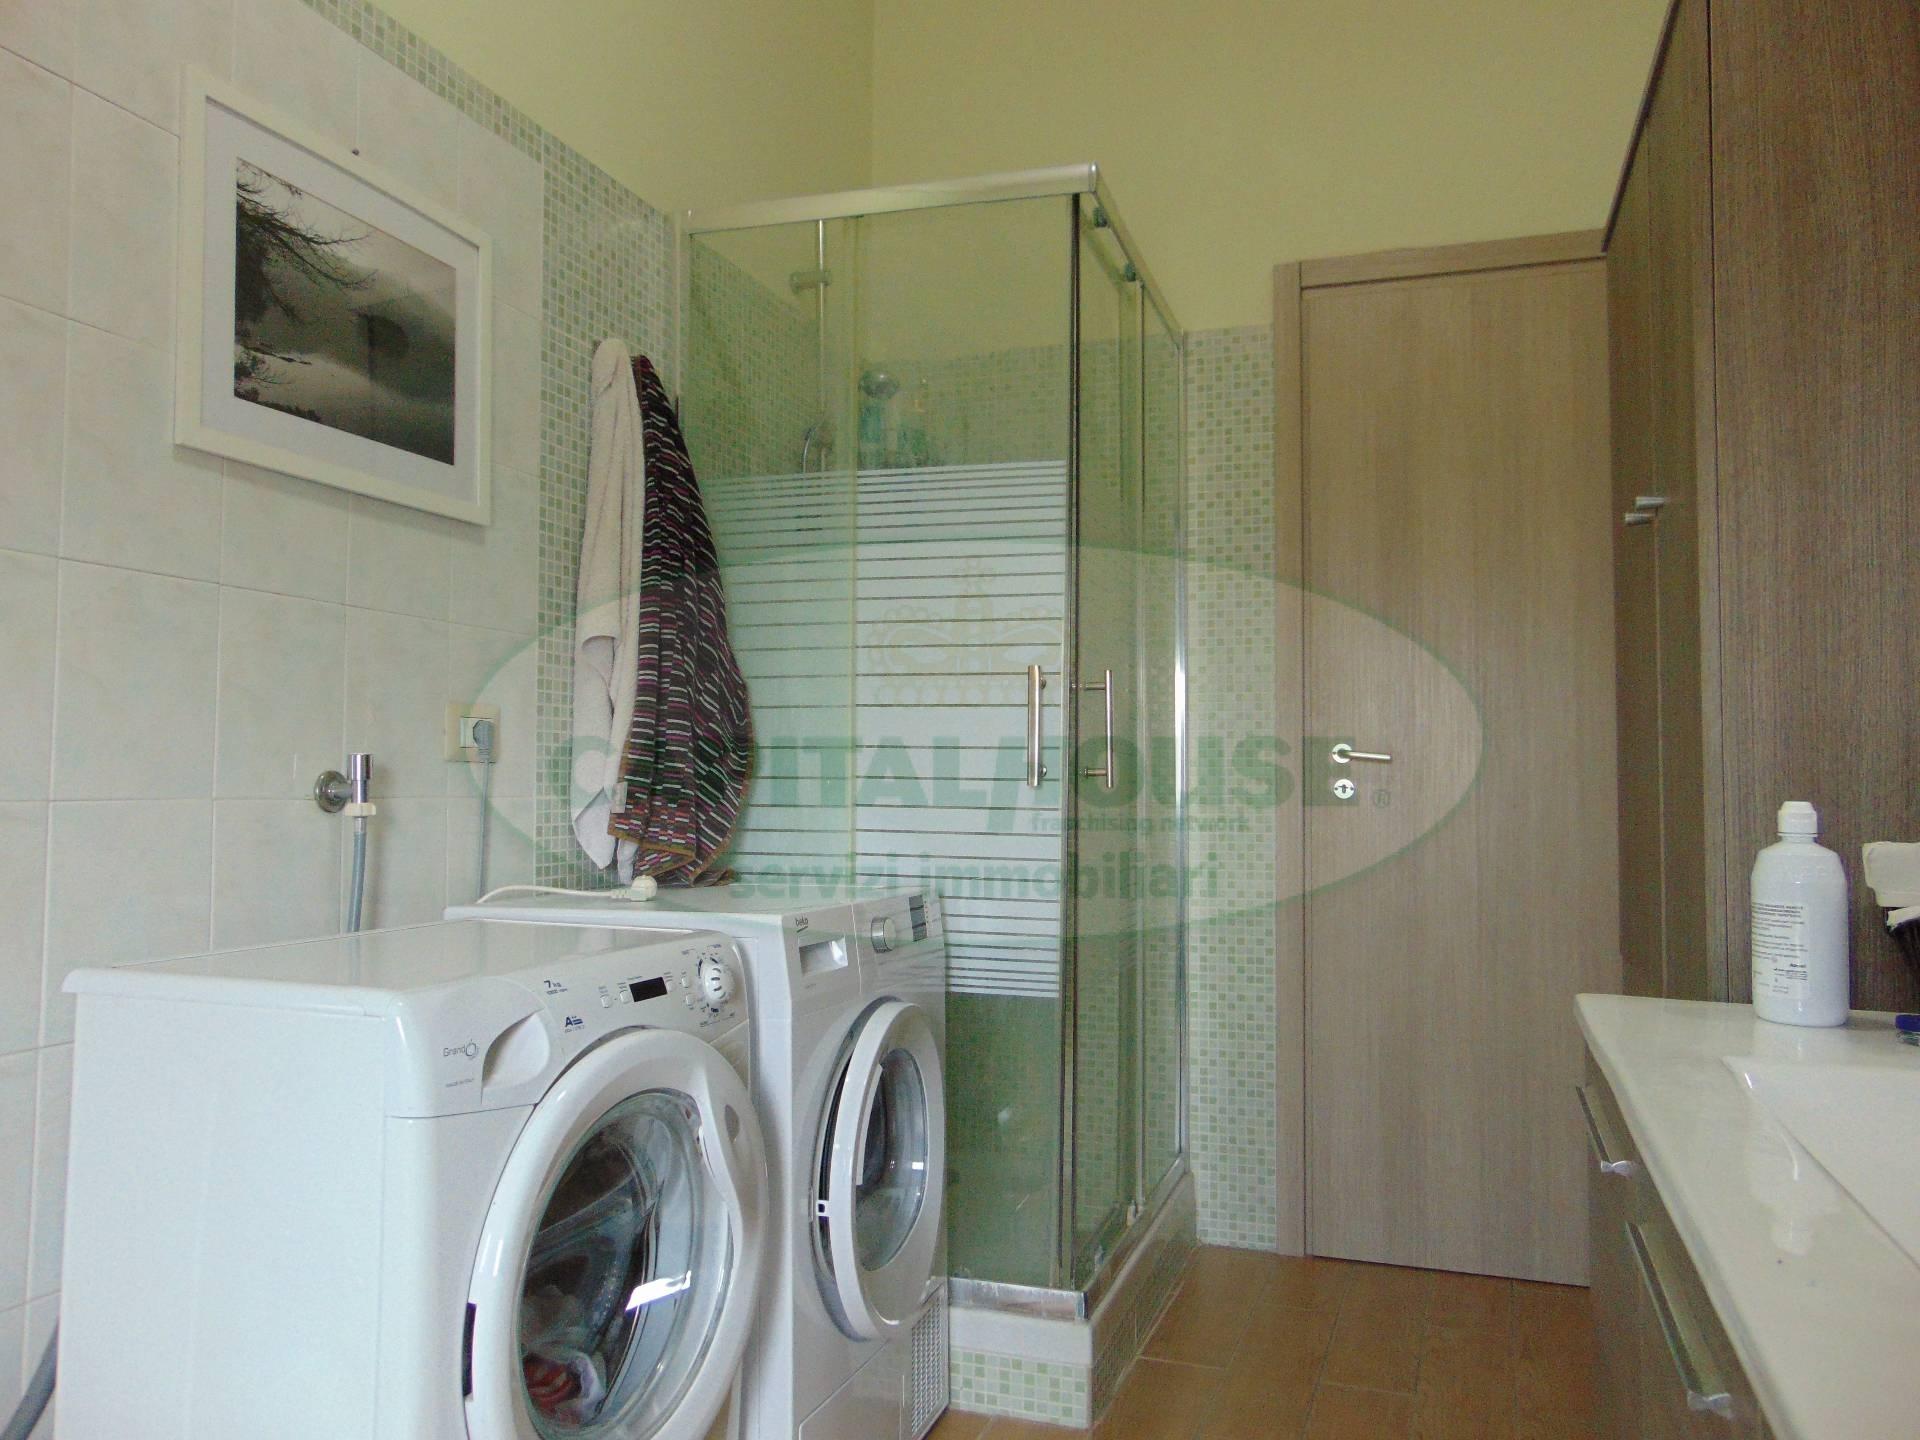 125 smcv appartamento in vendita a santa maria capua for Living arredamenti santa maria capua vetere